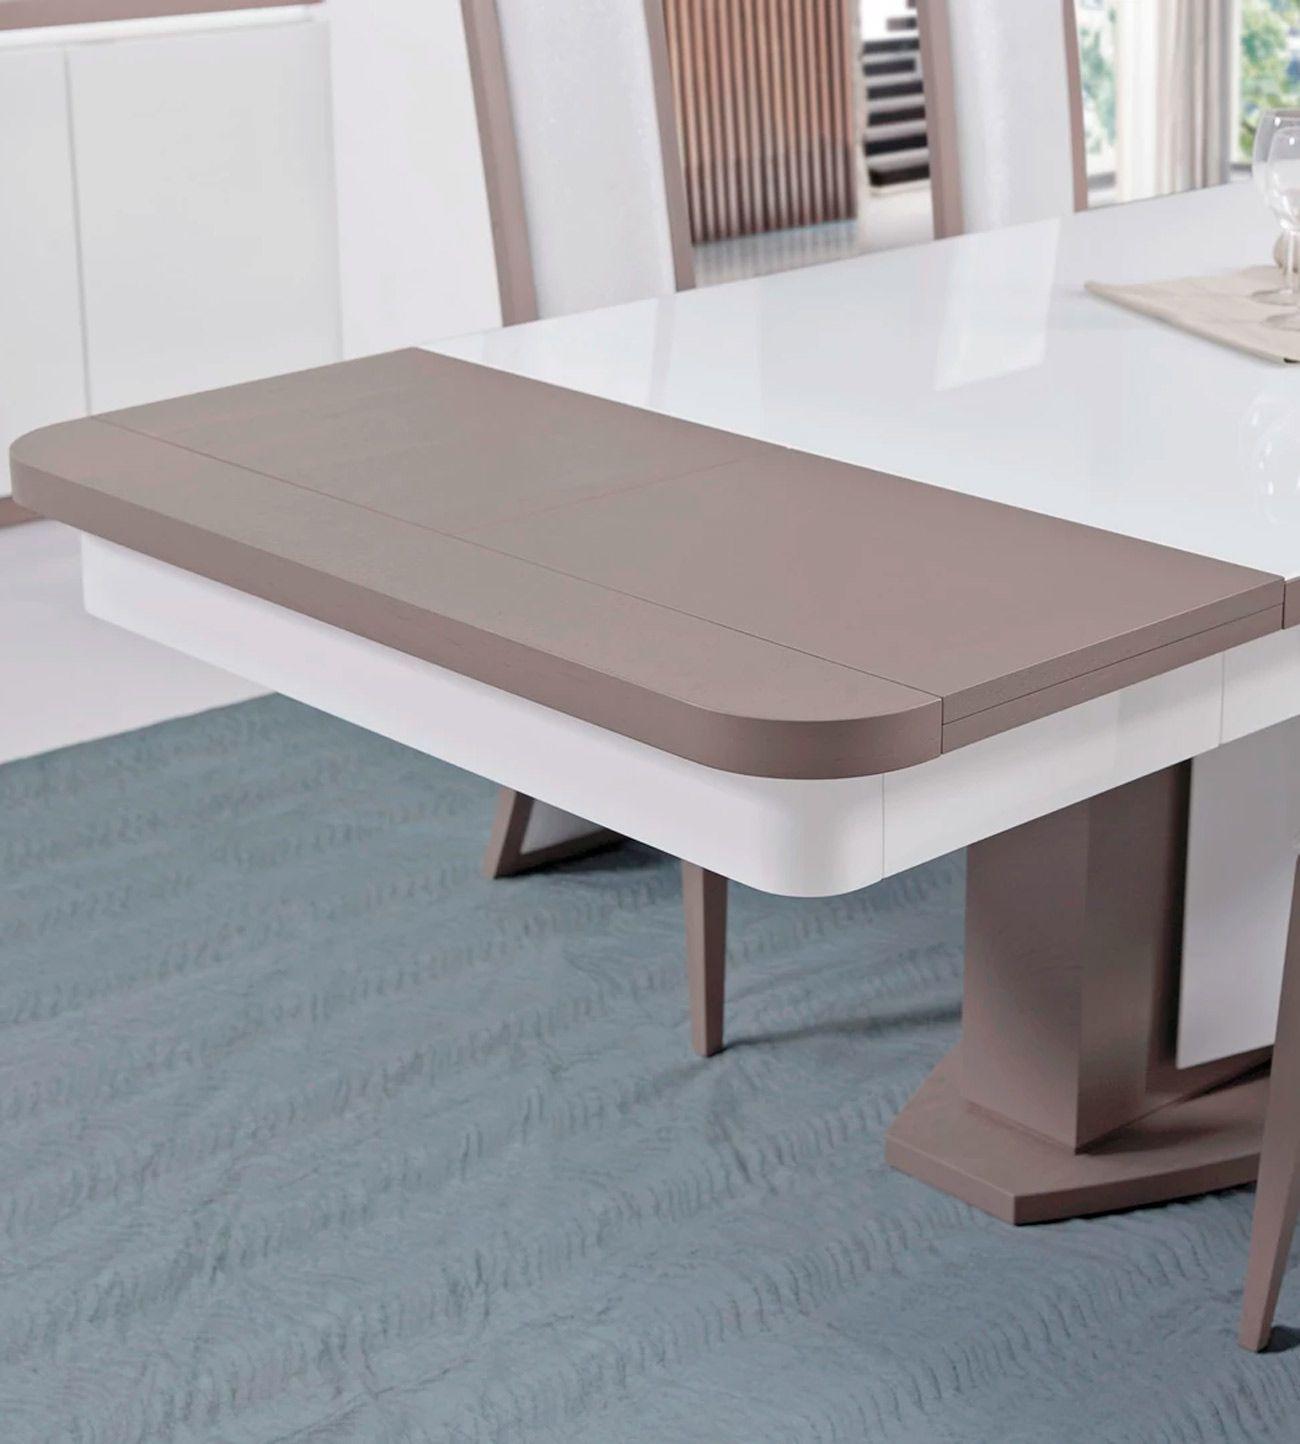 Mesa de jantar Extensível Viana, Mesa de Jantar Graca Interiores